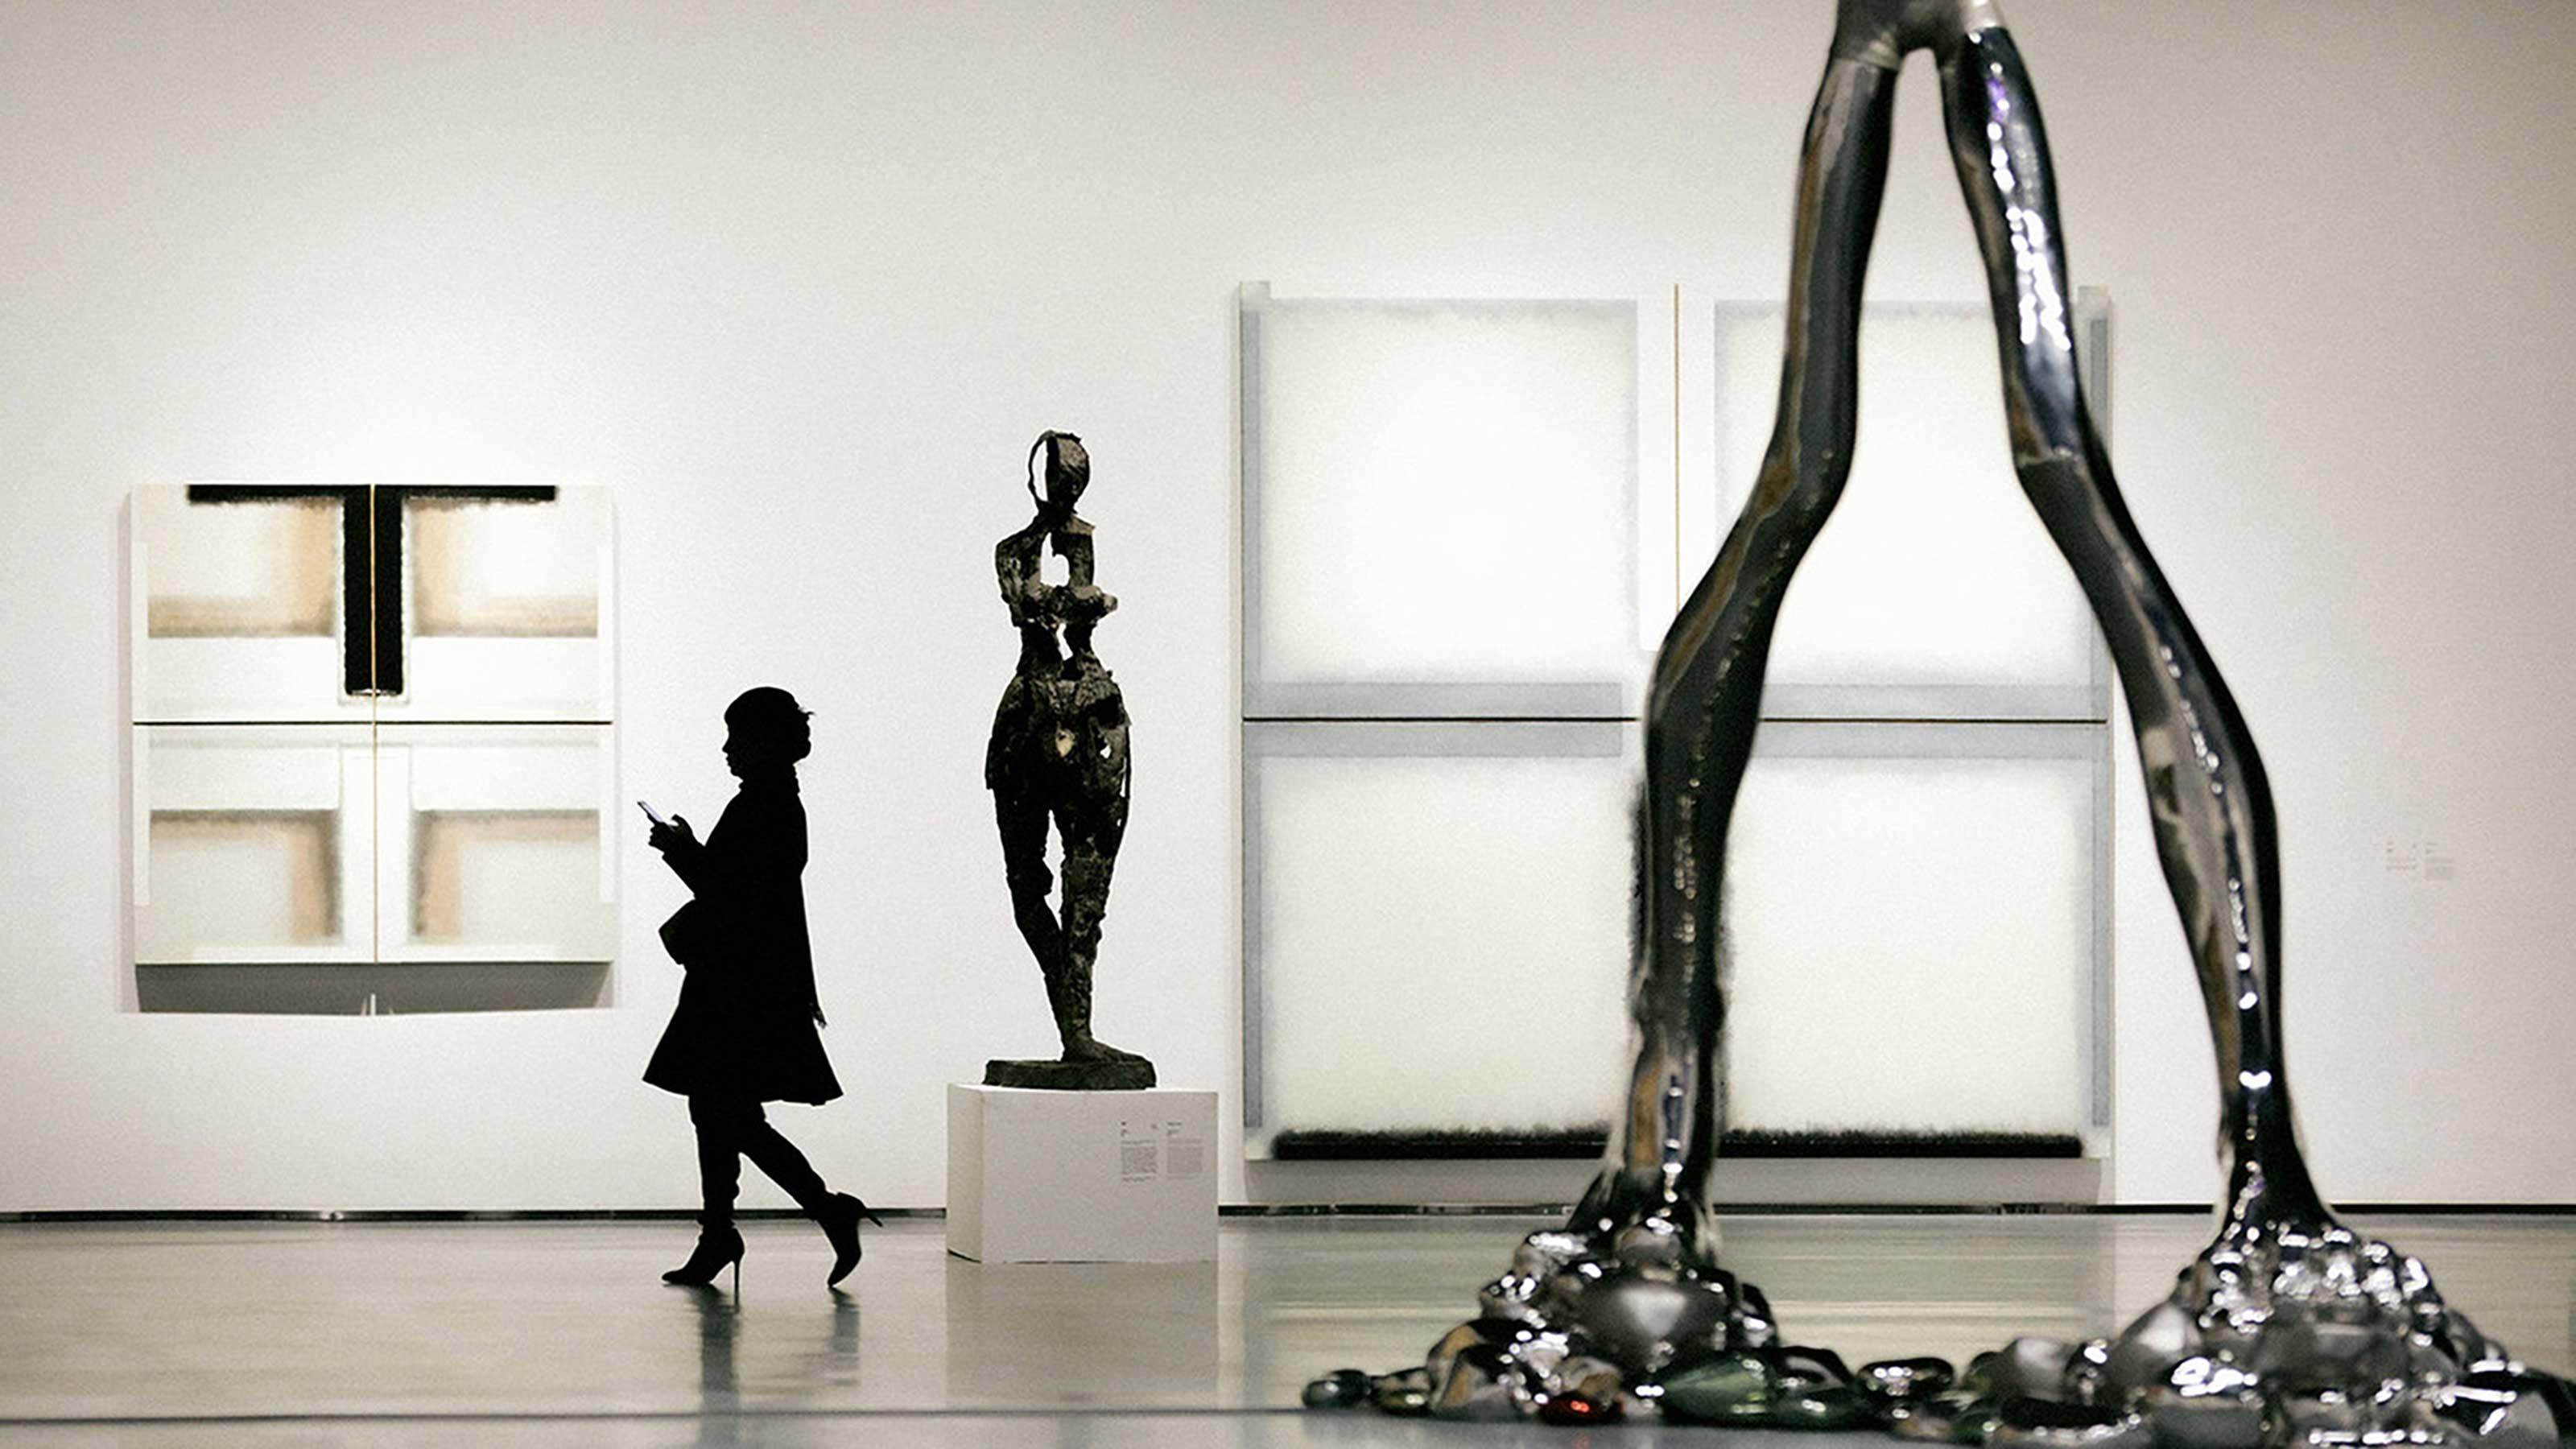 Artist Niyoko Ikuta acquired by the Jupiter Museum of Art in Shenzhen, China